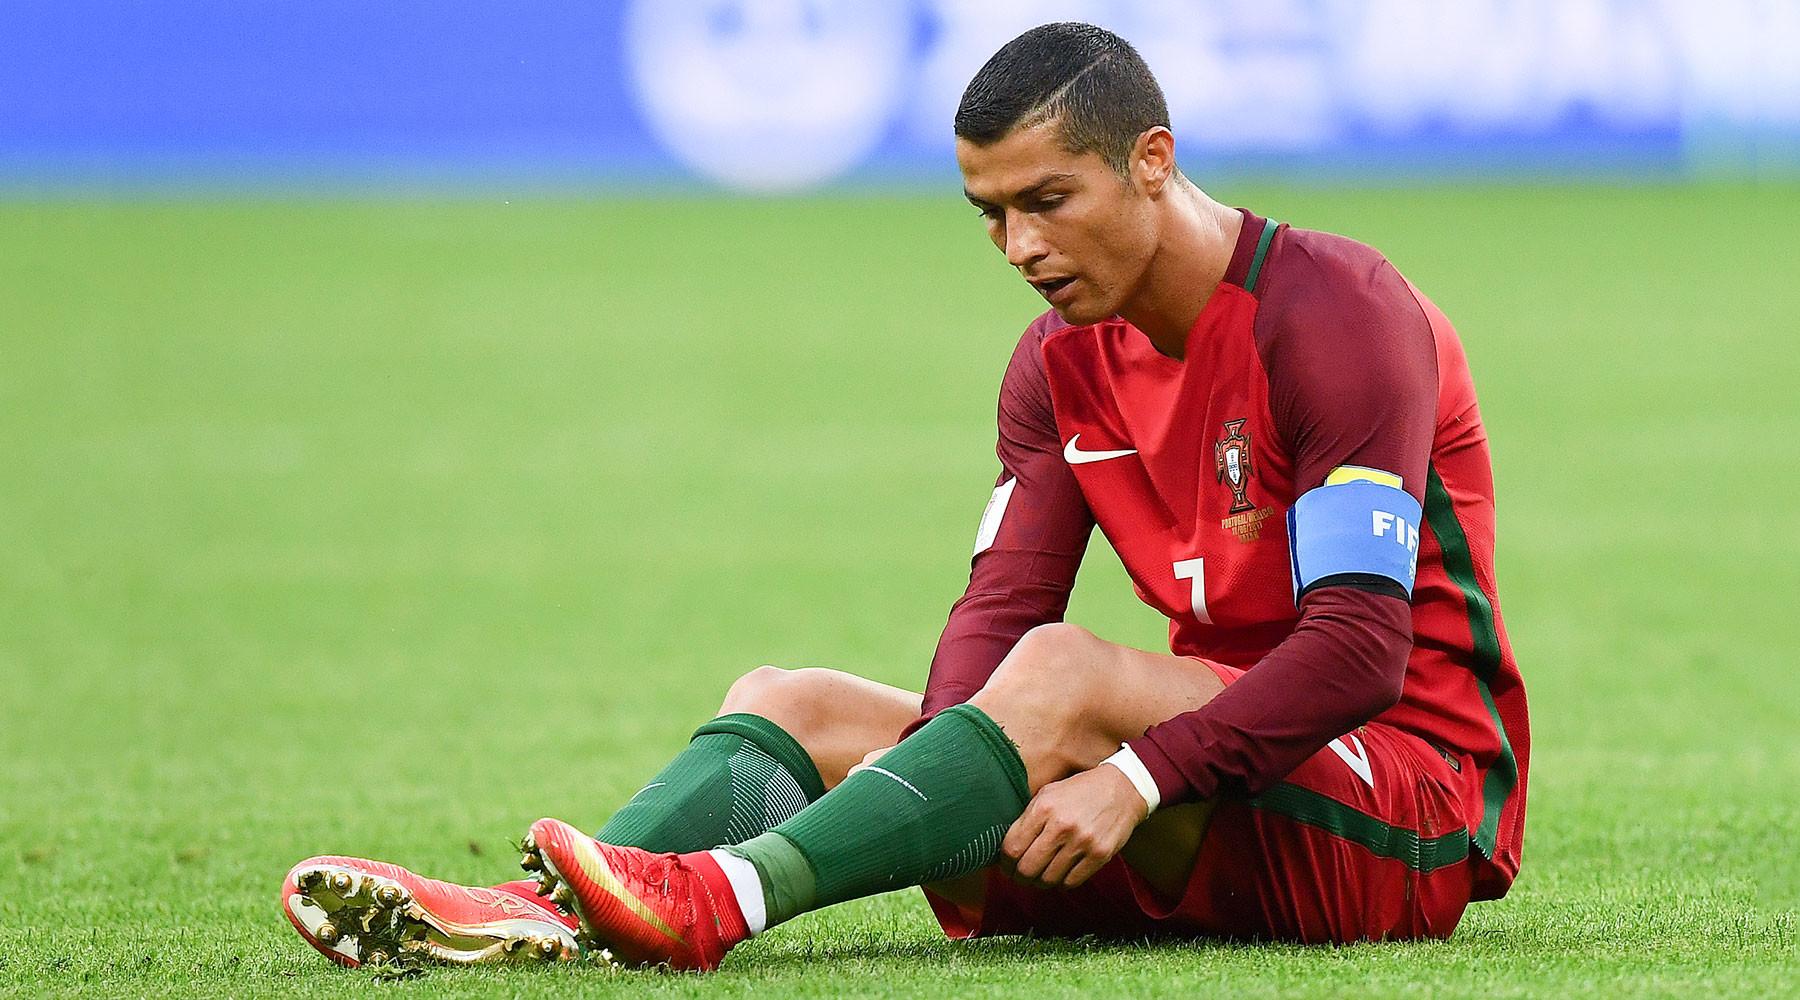 чем португалец запомнился на Кубке конфедераци